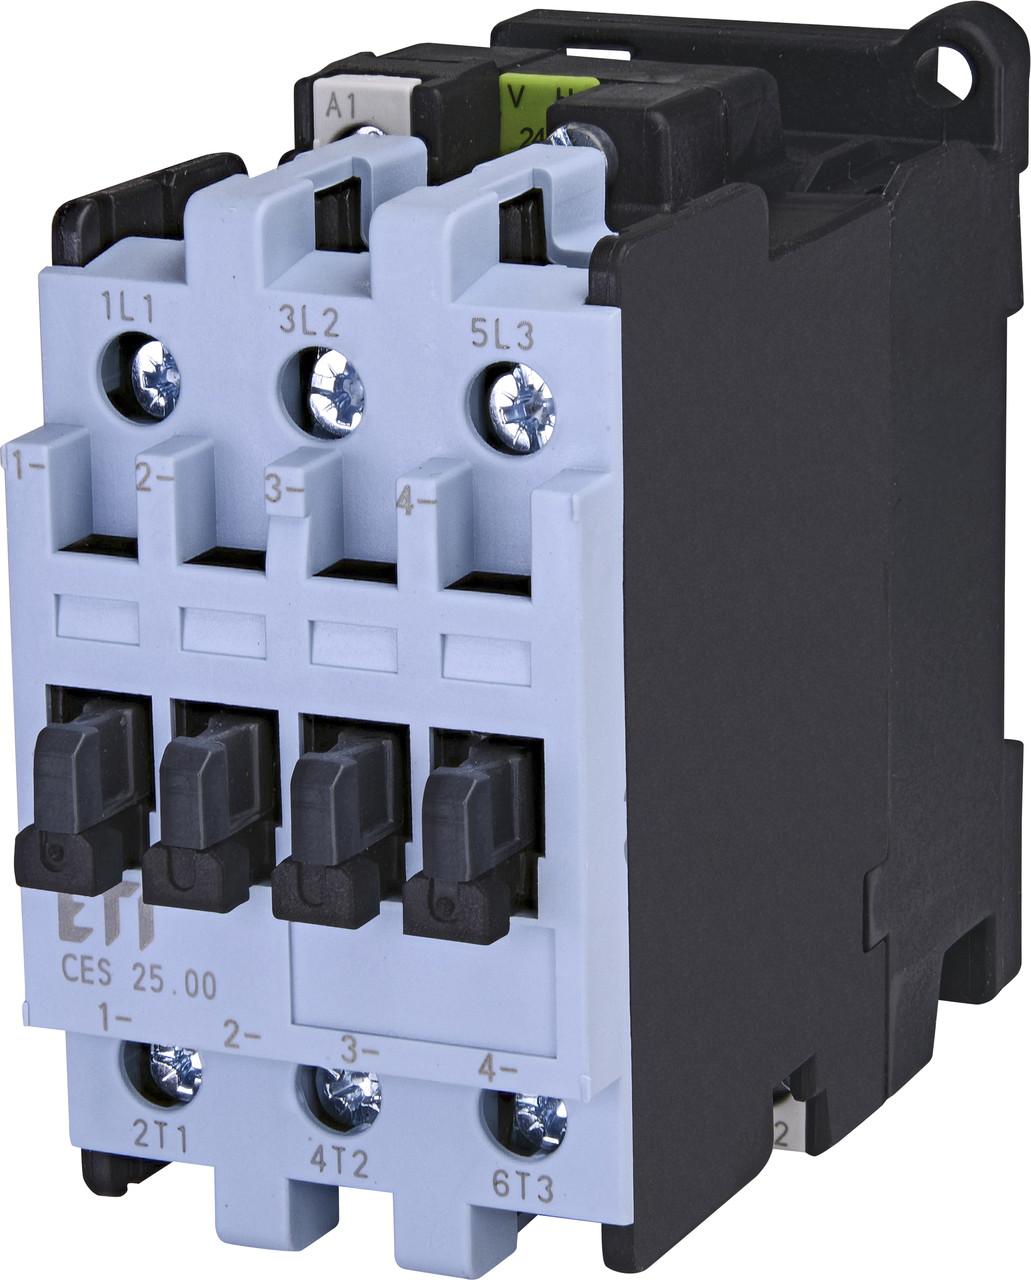 Контактор силовой ETI CES 25.00 25А 24V AC 3NO 11kW 4646541 (на DIN-рейку, 42A AC1, 25A AC3)